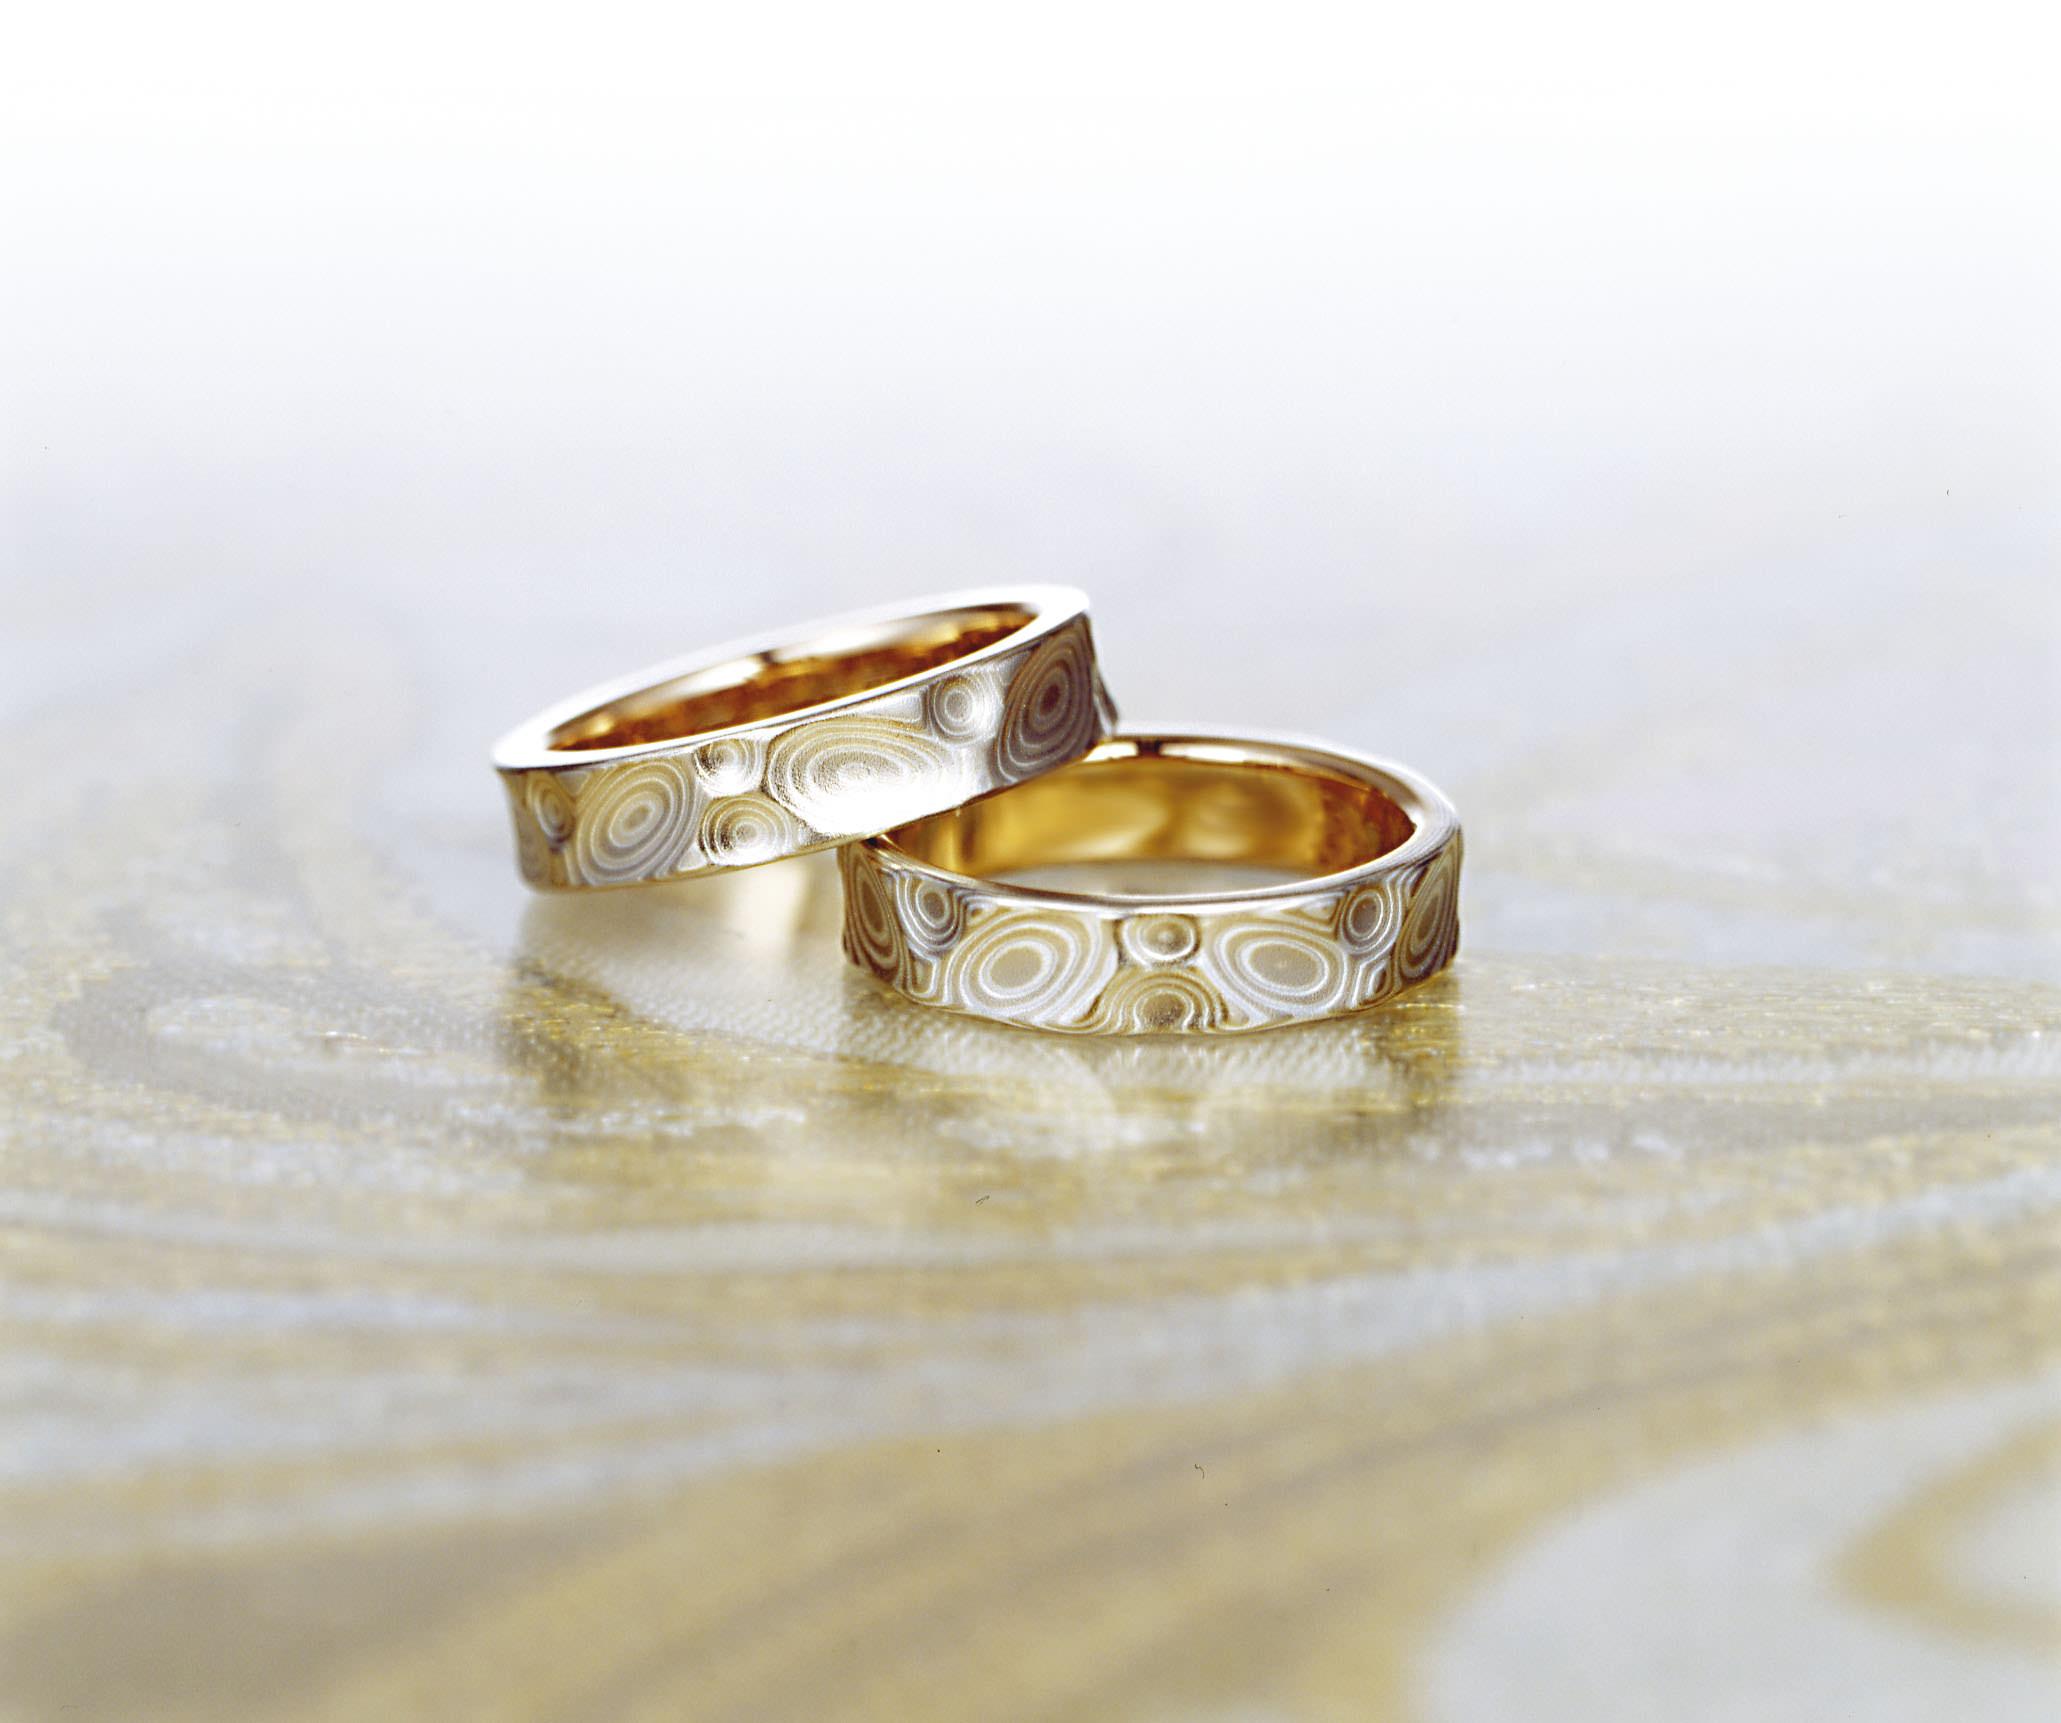 杢 目 金屋 結婚指輪・婚約指輪の杢目金屋 - MOKUMEGANEYA